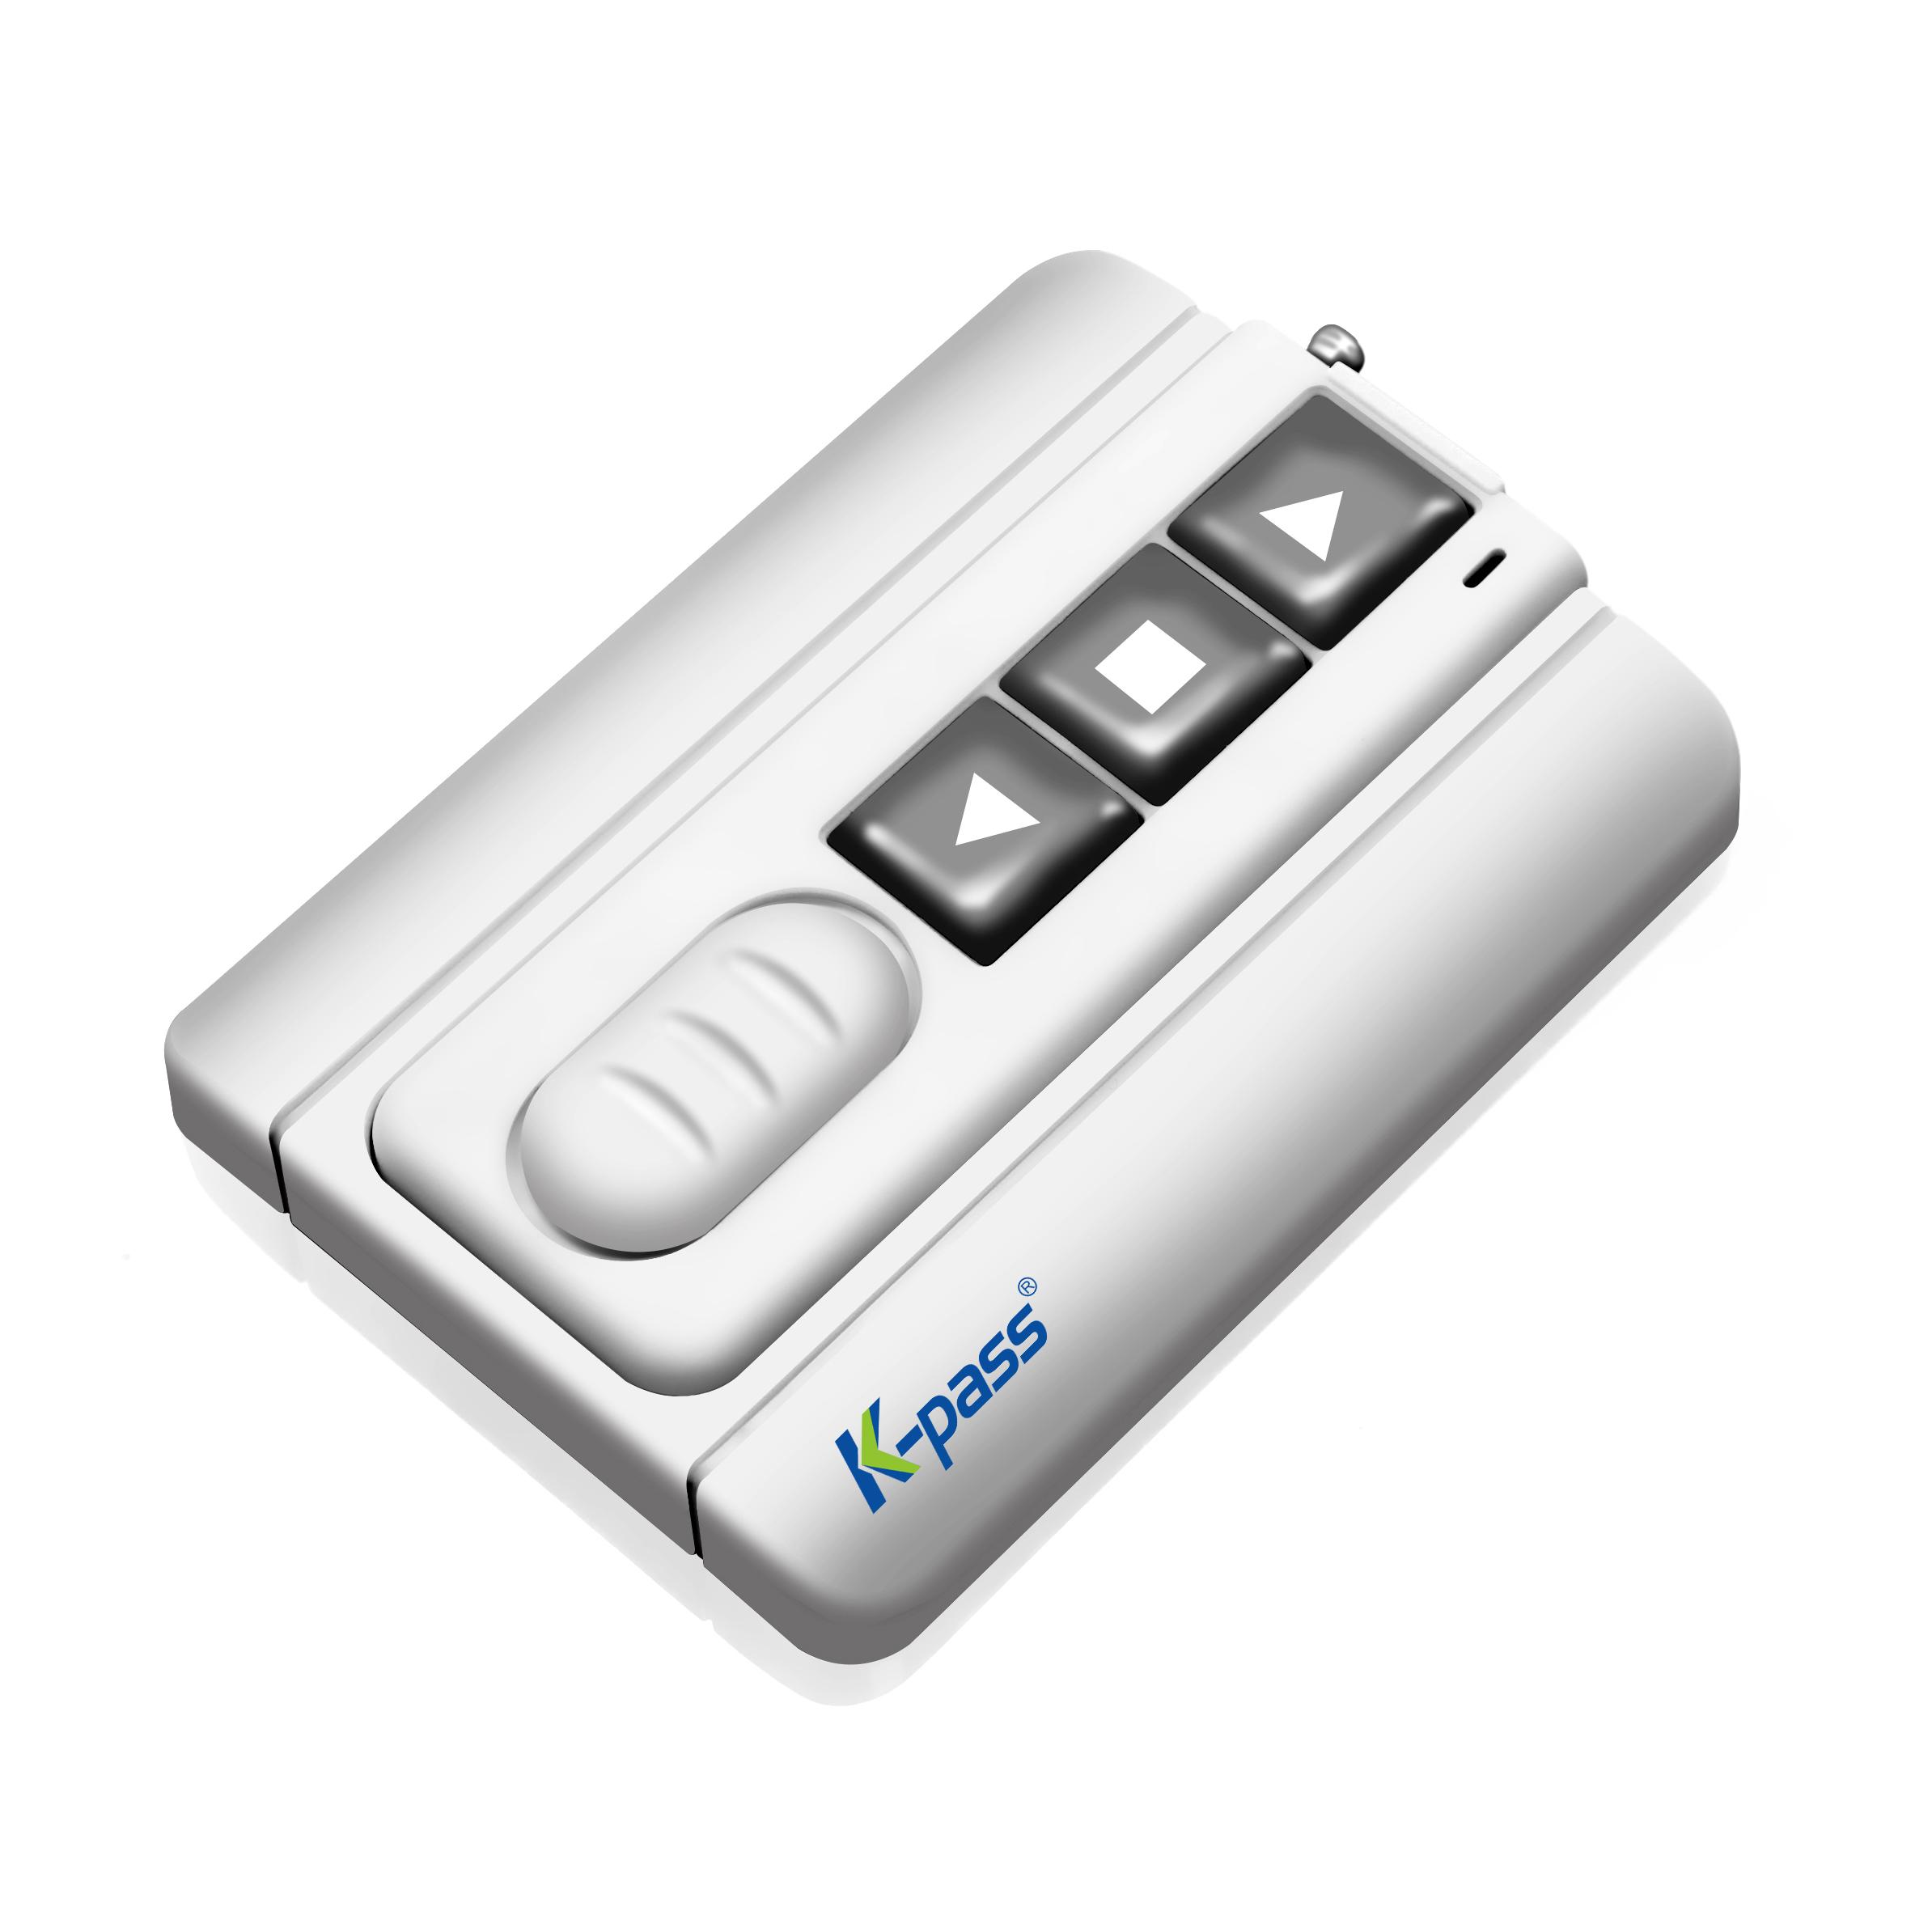 自动道闸遥控器